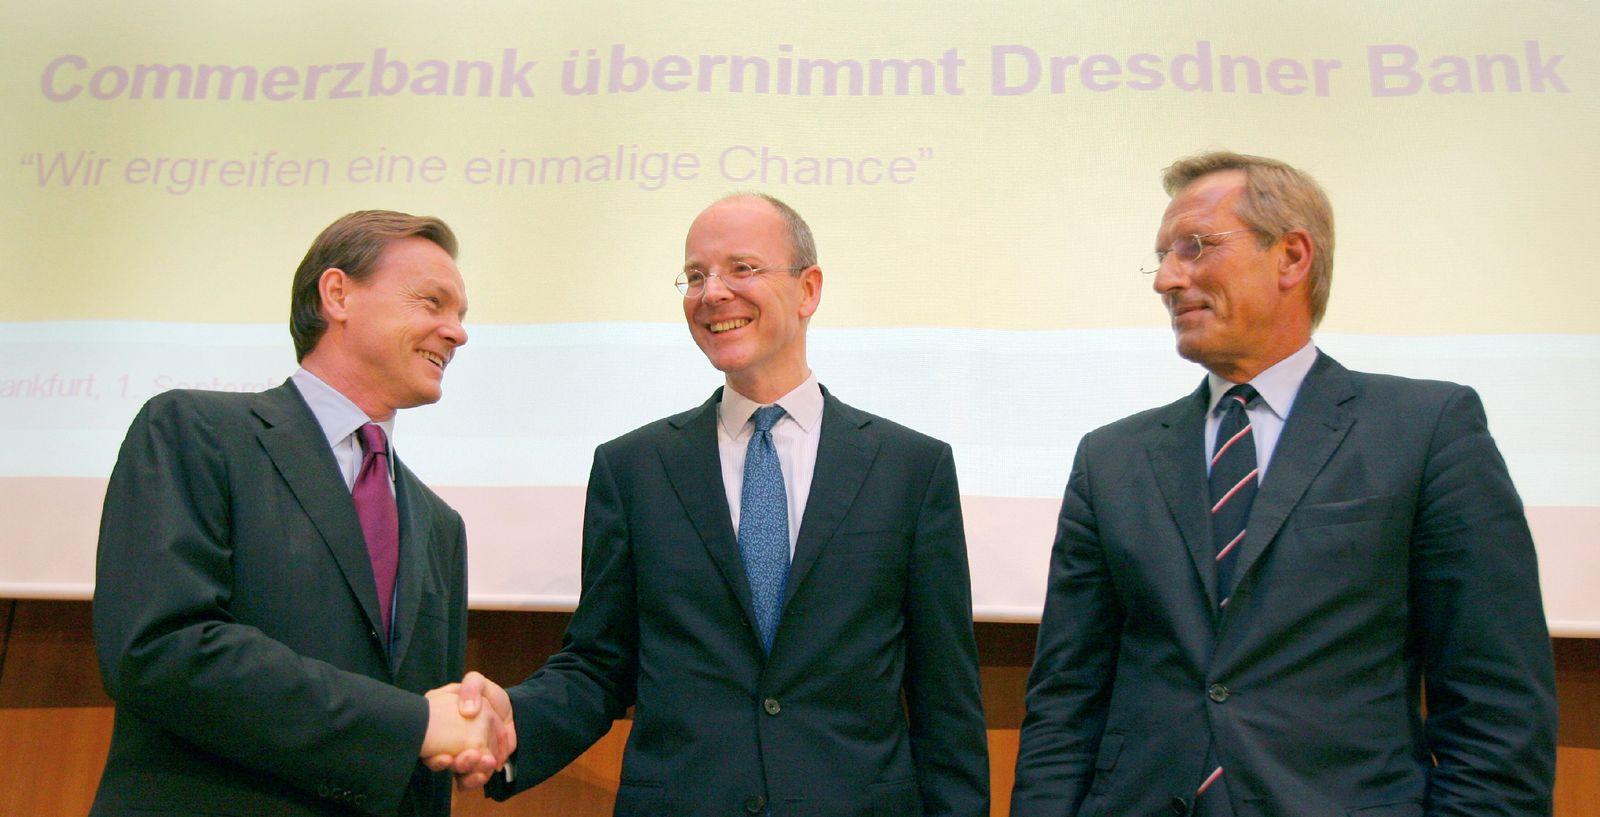 Commerzbank übernimmt Dresdner Bank - Walter, Blessing und Diekmann